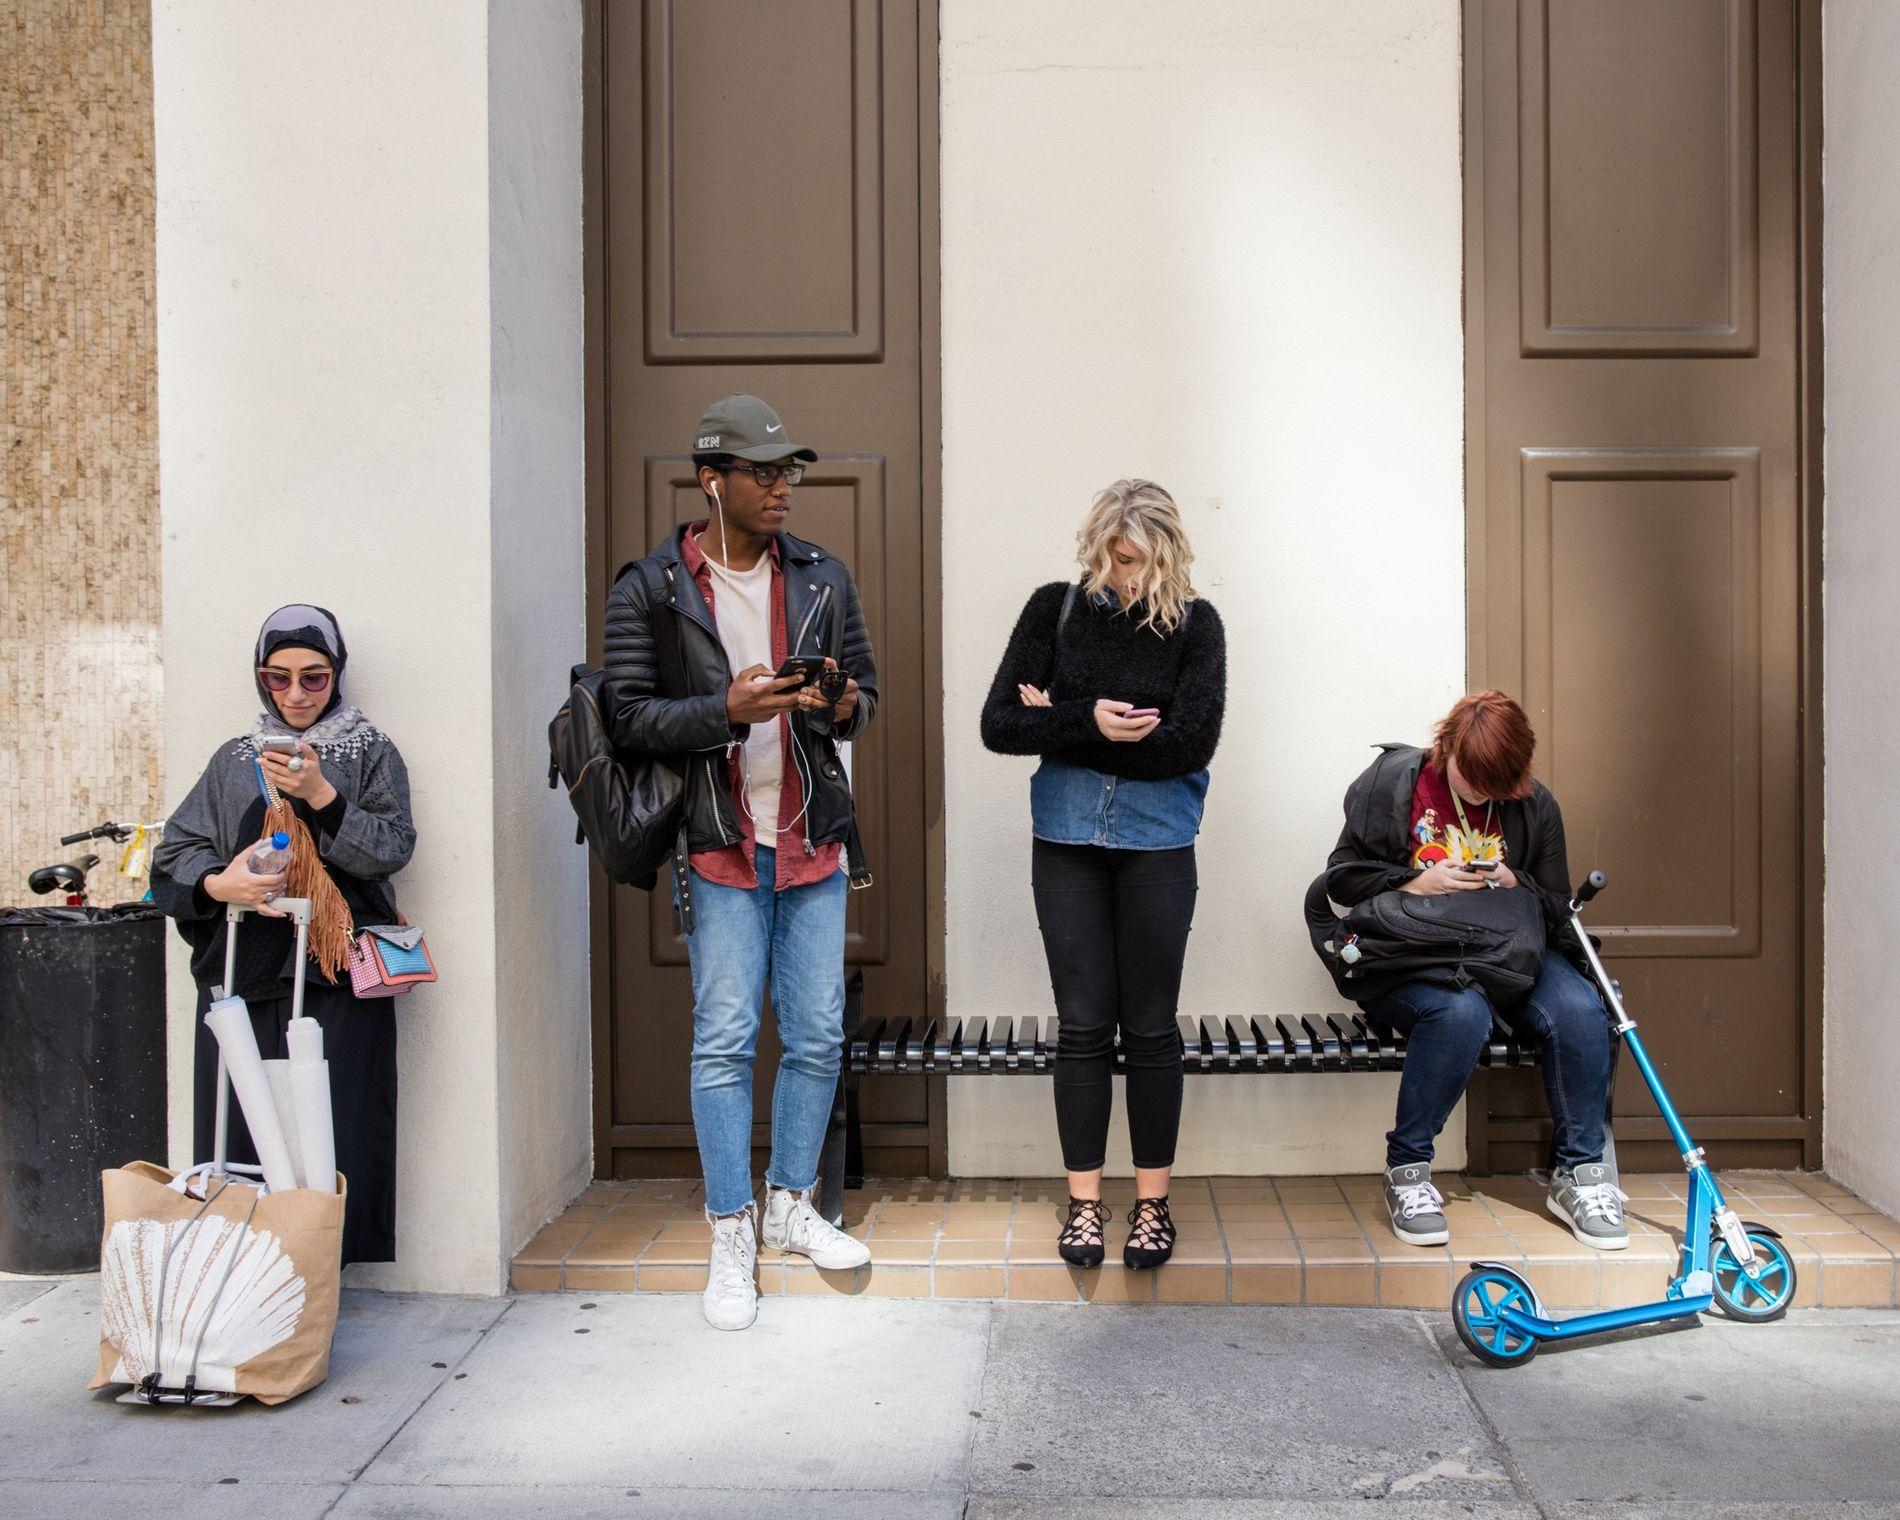 Unos estudiantes esperan frente a una Academia de Arte en San Francisco.